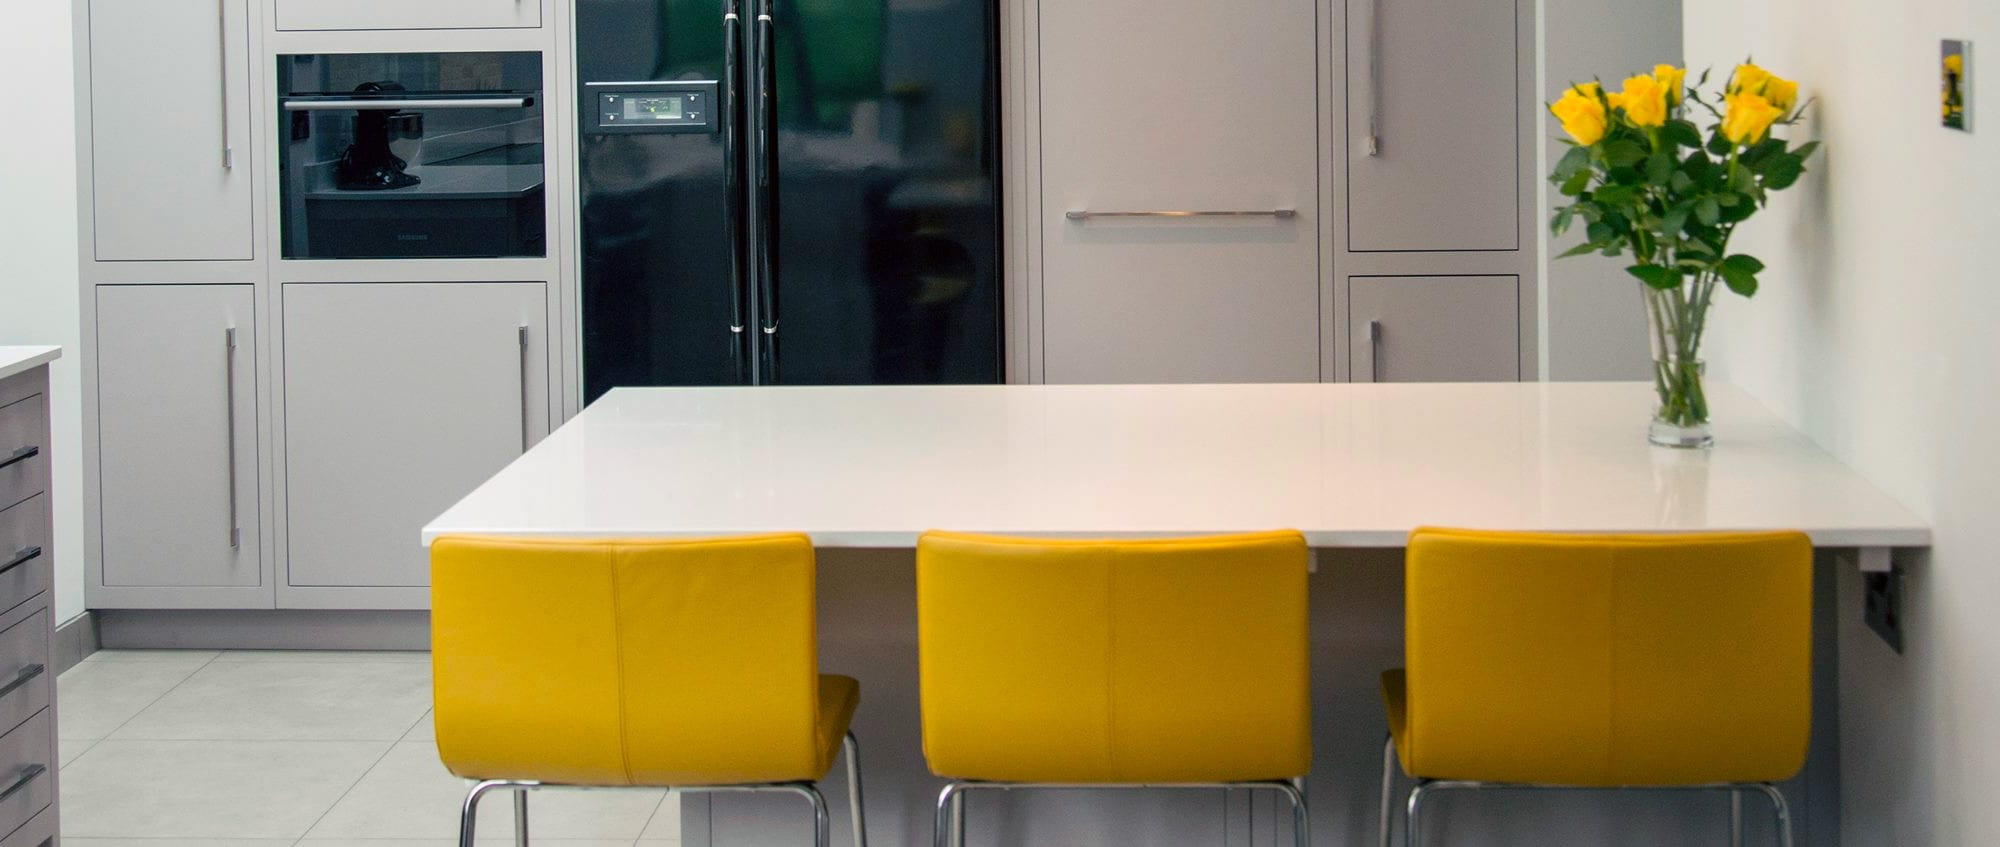 Contemporary Kitchen Design Oxfordshire